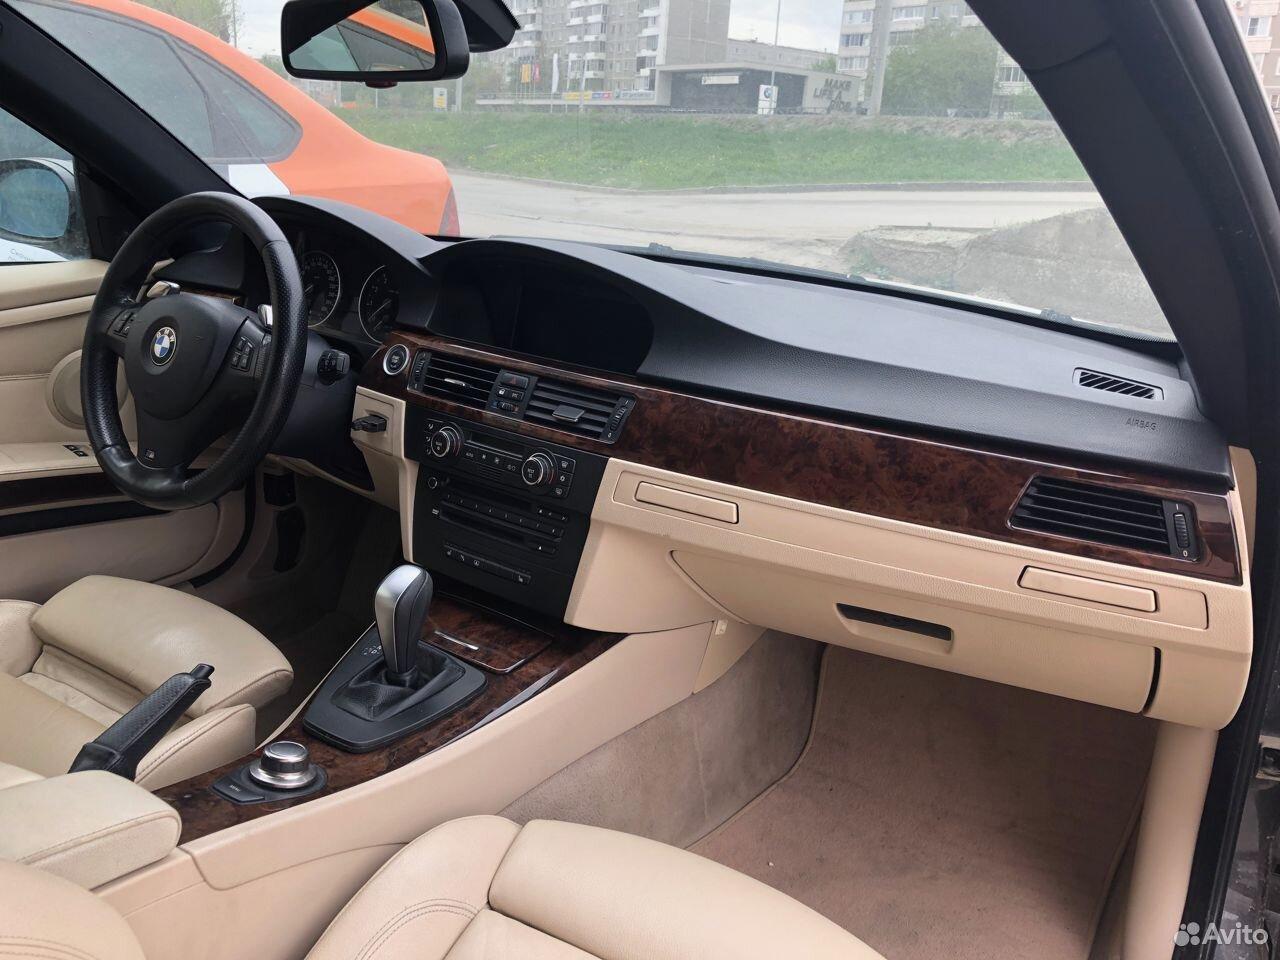 Спорт салон сиденья BMW E92 в сборе (бежевая кожа)  89638577308 купить 2